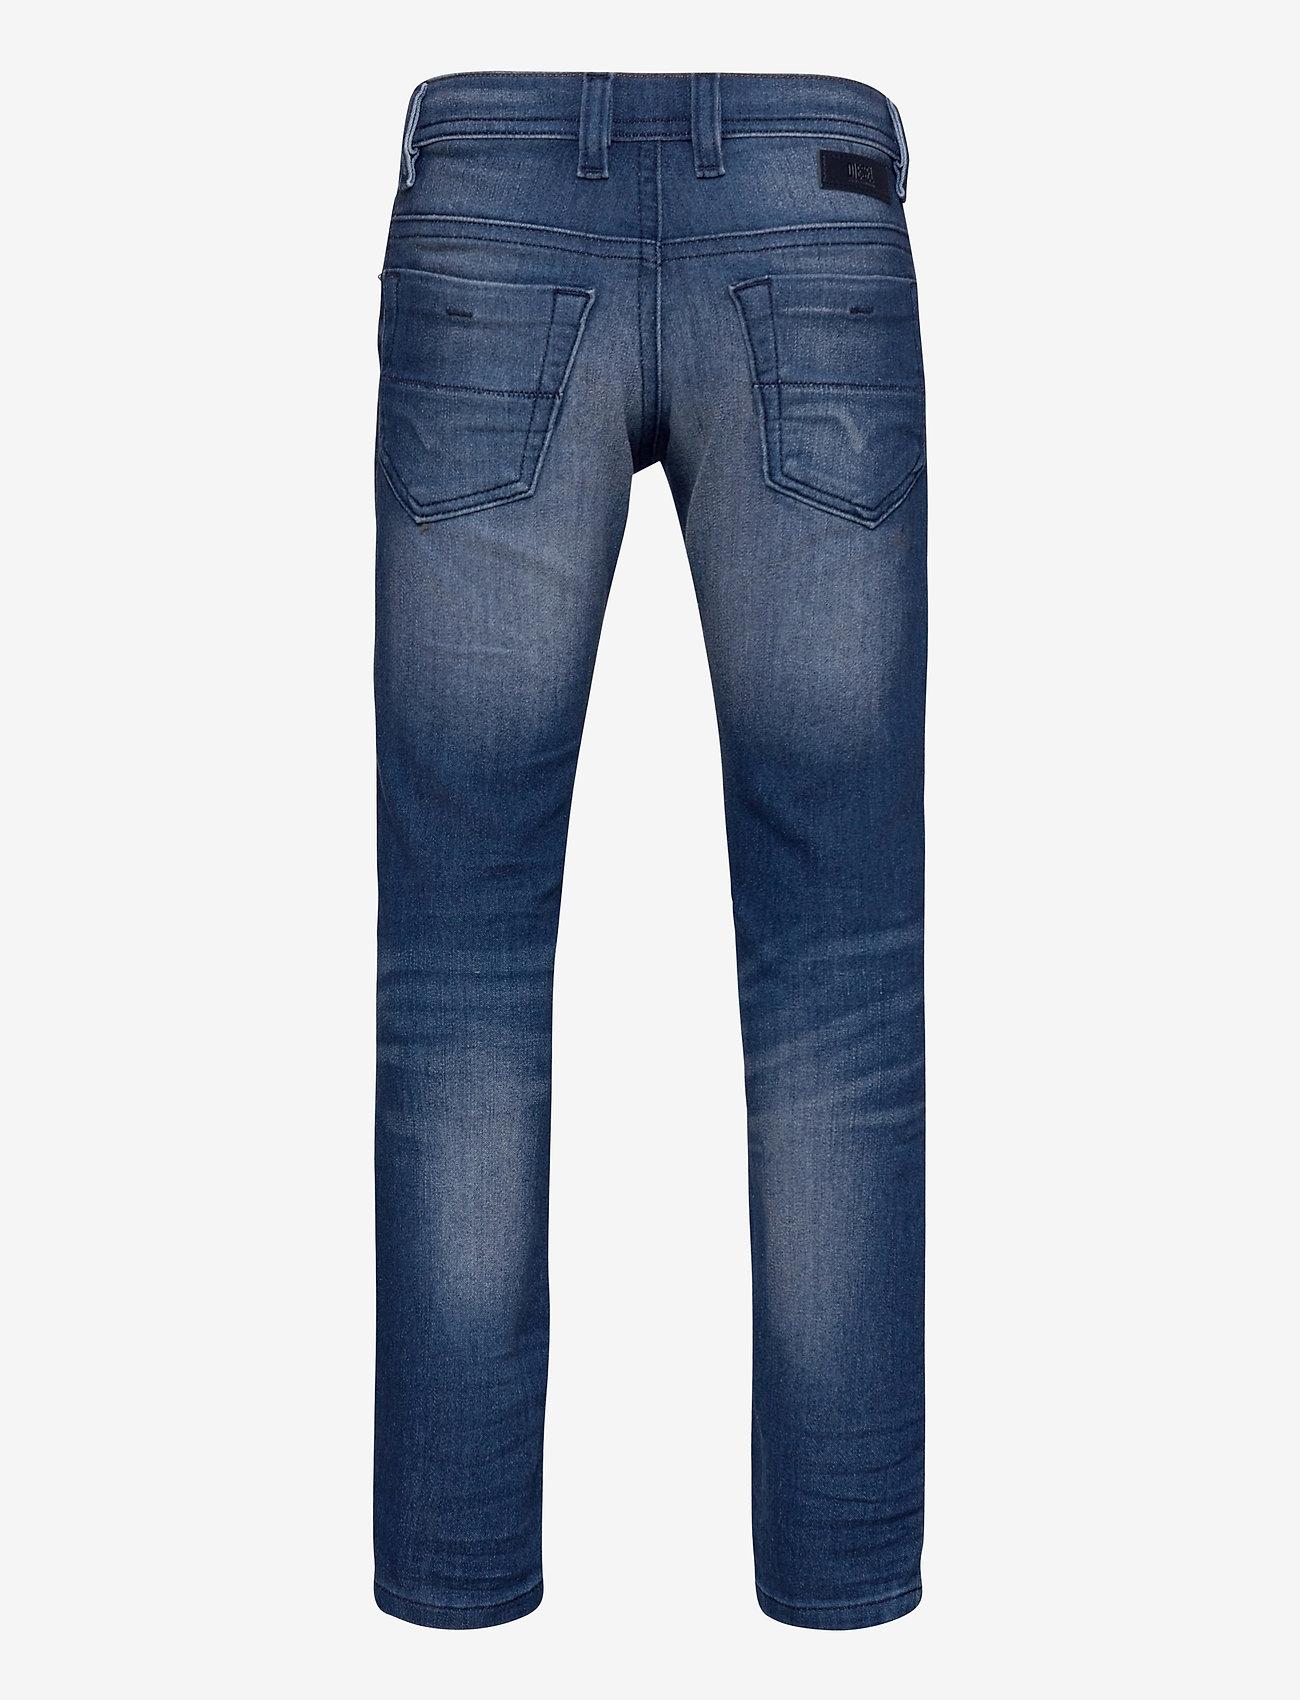 Diesel - THOMMER-J JJJ TROUSERS - jeans - denim - 1